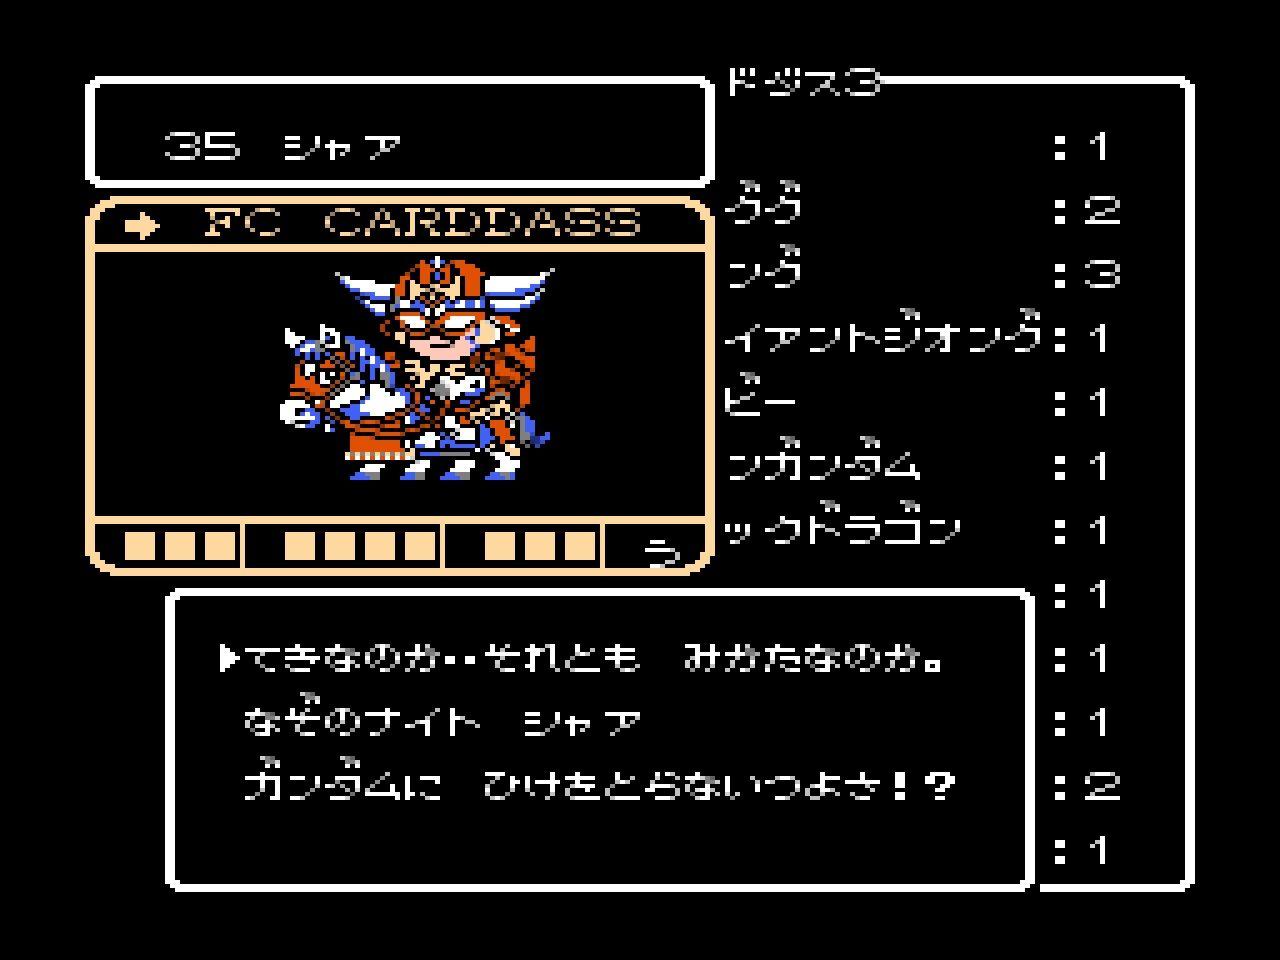 キャラゲー屈指の名作! ファミコン『SDガンダム外伝 ナイトガンダム物語』は「かゆいところに手が届く」RPGだったの画像012